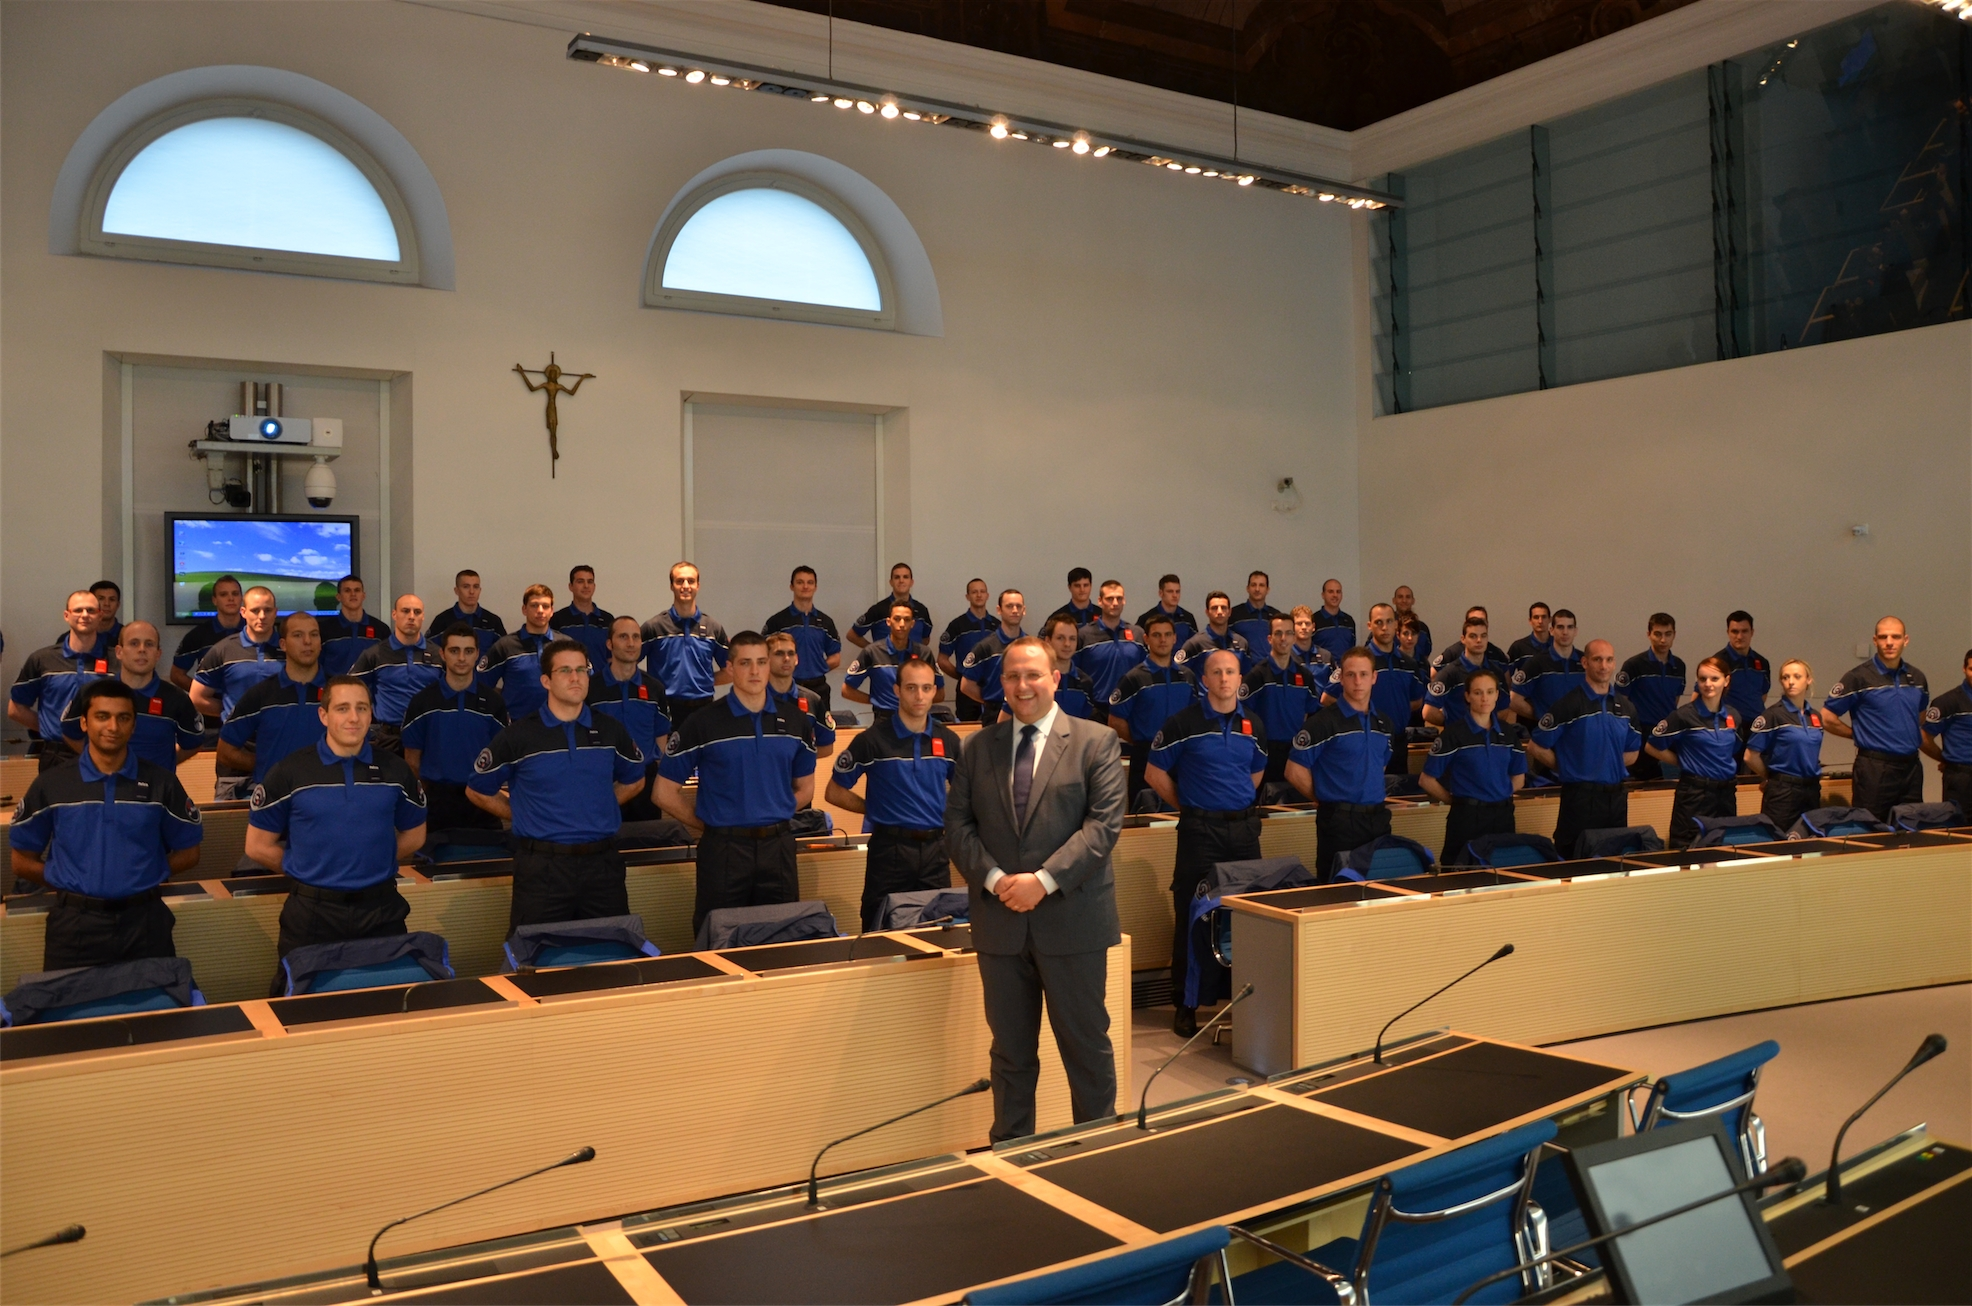 Incontro con gli aspiranti della Scuola Cantonale di Polizia 2013